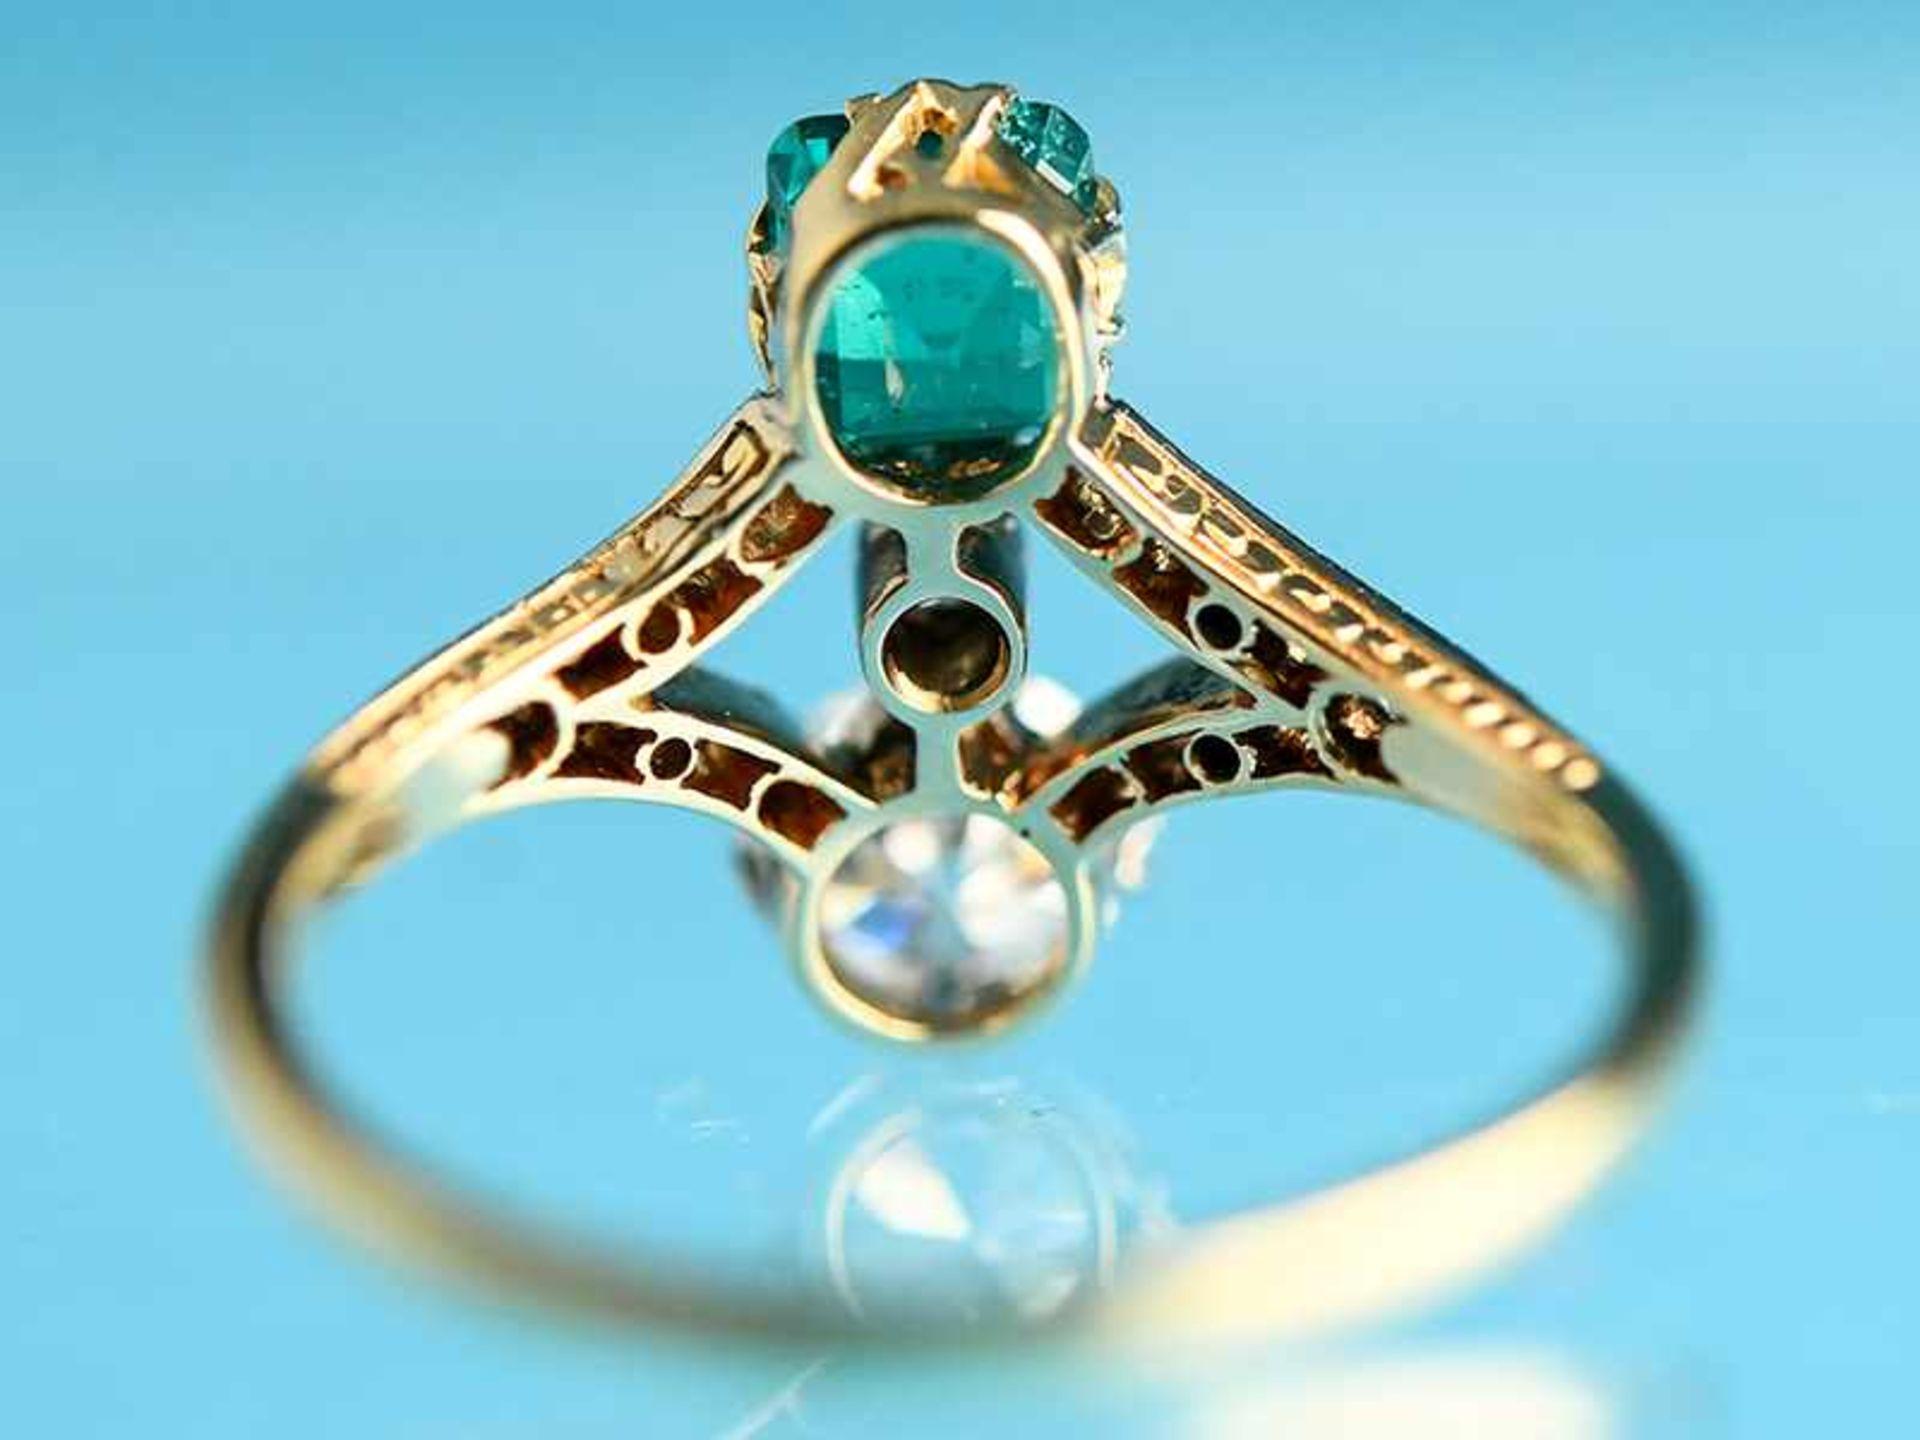 Hochwertiger Art Deco Ring mit Smaragd ca. 0,6 ct, Altschliff-Diamant ca. 0,65 ct und 19 kleinen - Bild 6 aus 9